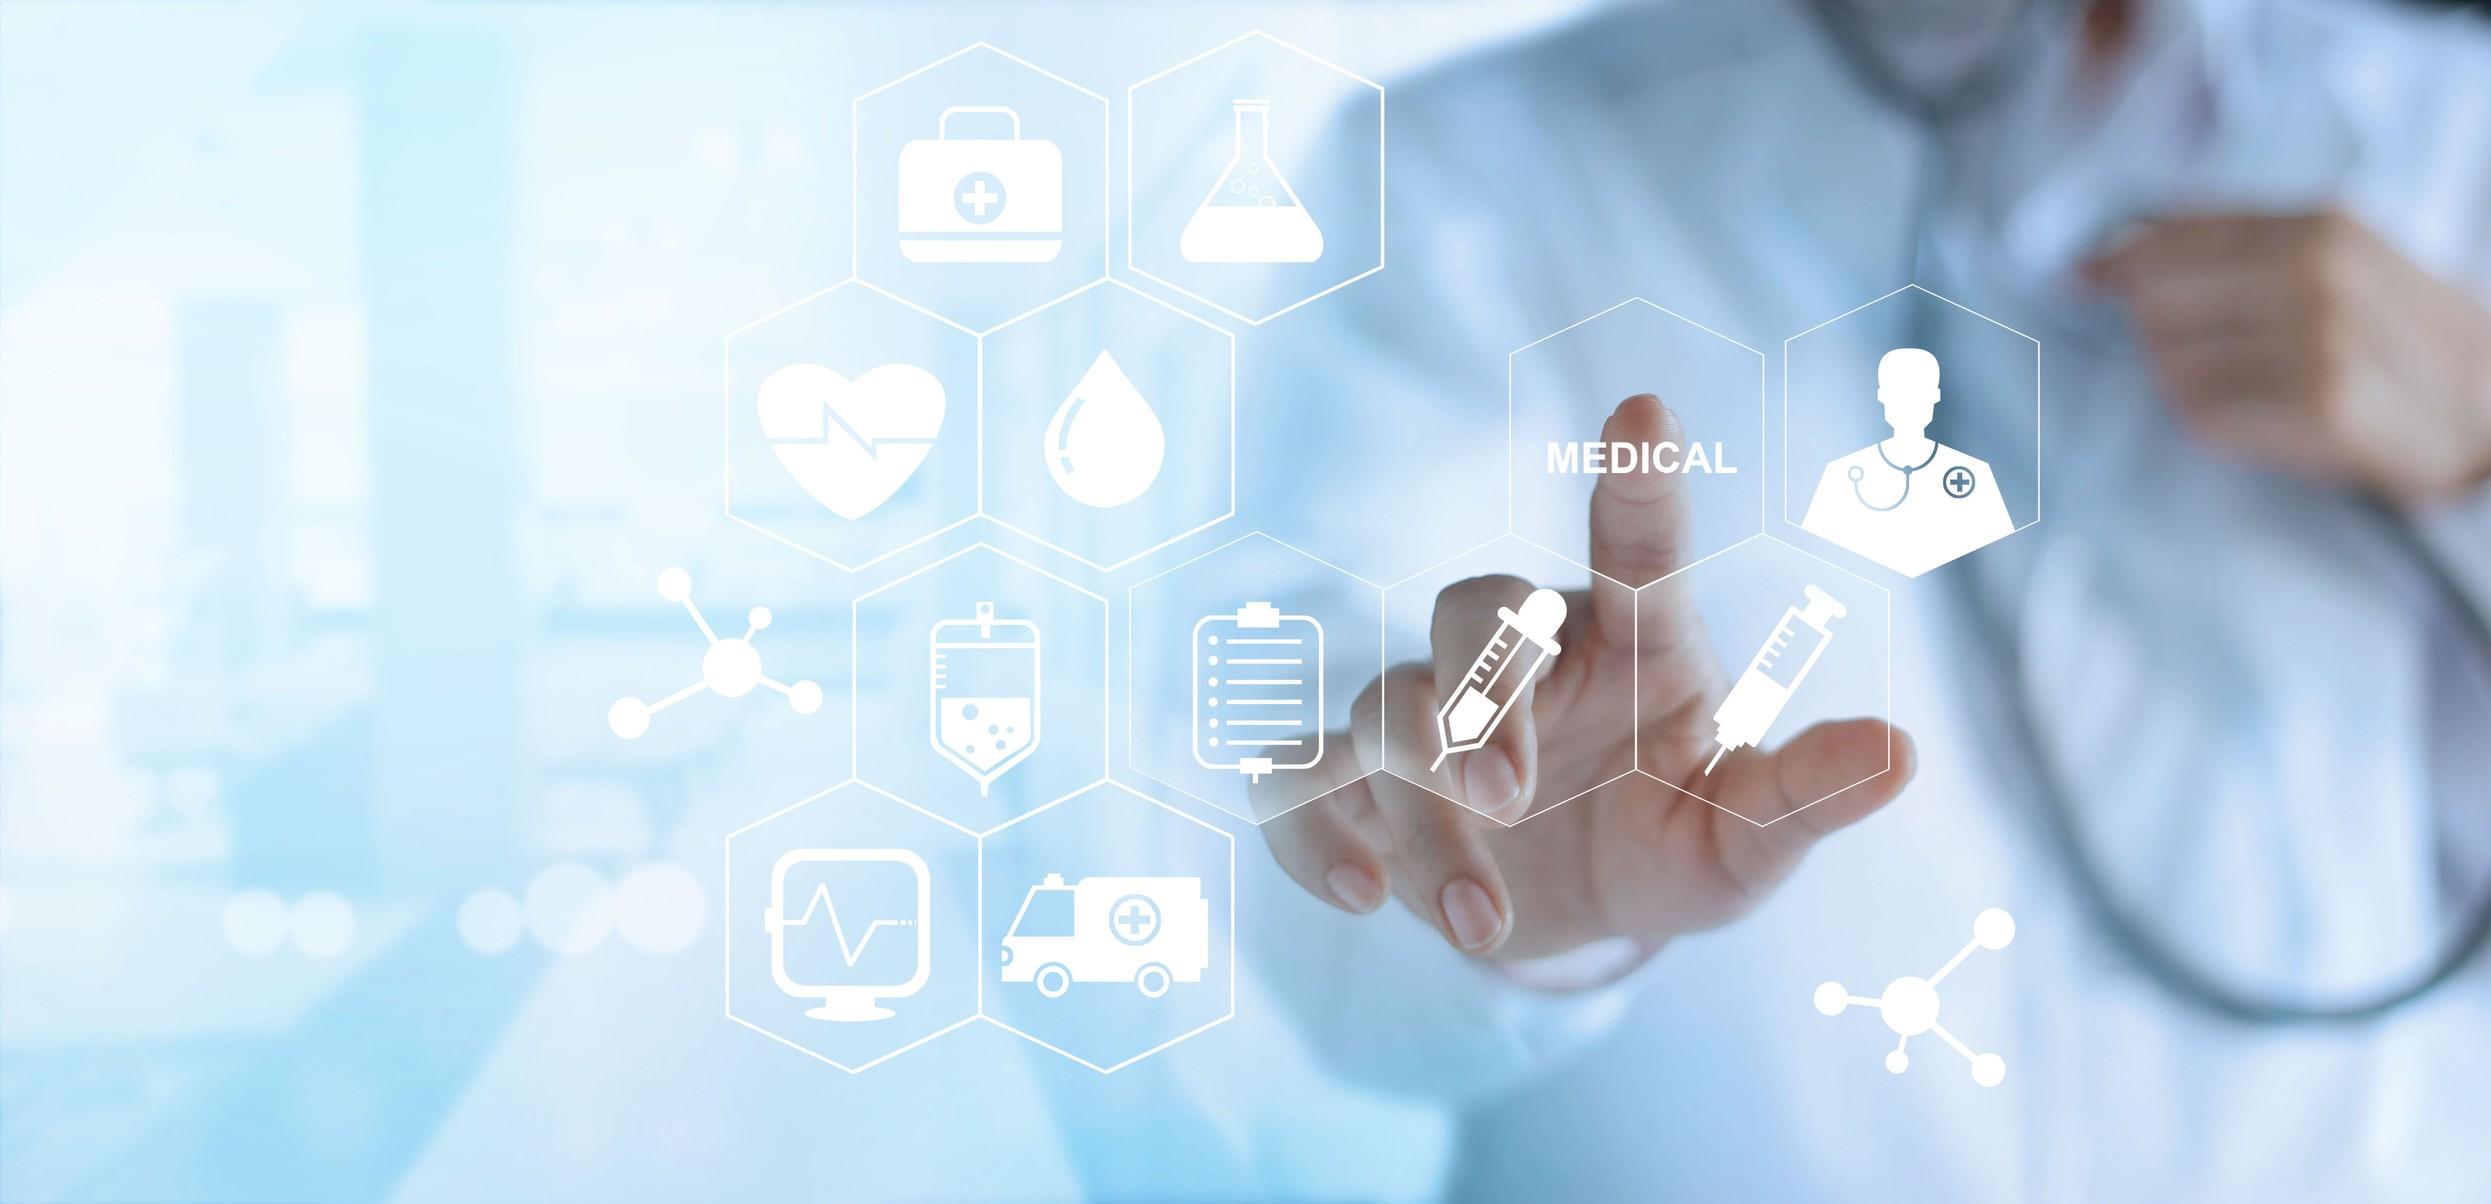 Формирование новых моделей коммуникаций между медицинским представителем с врачом в условиях Covid-19